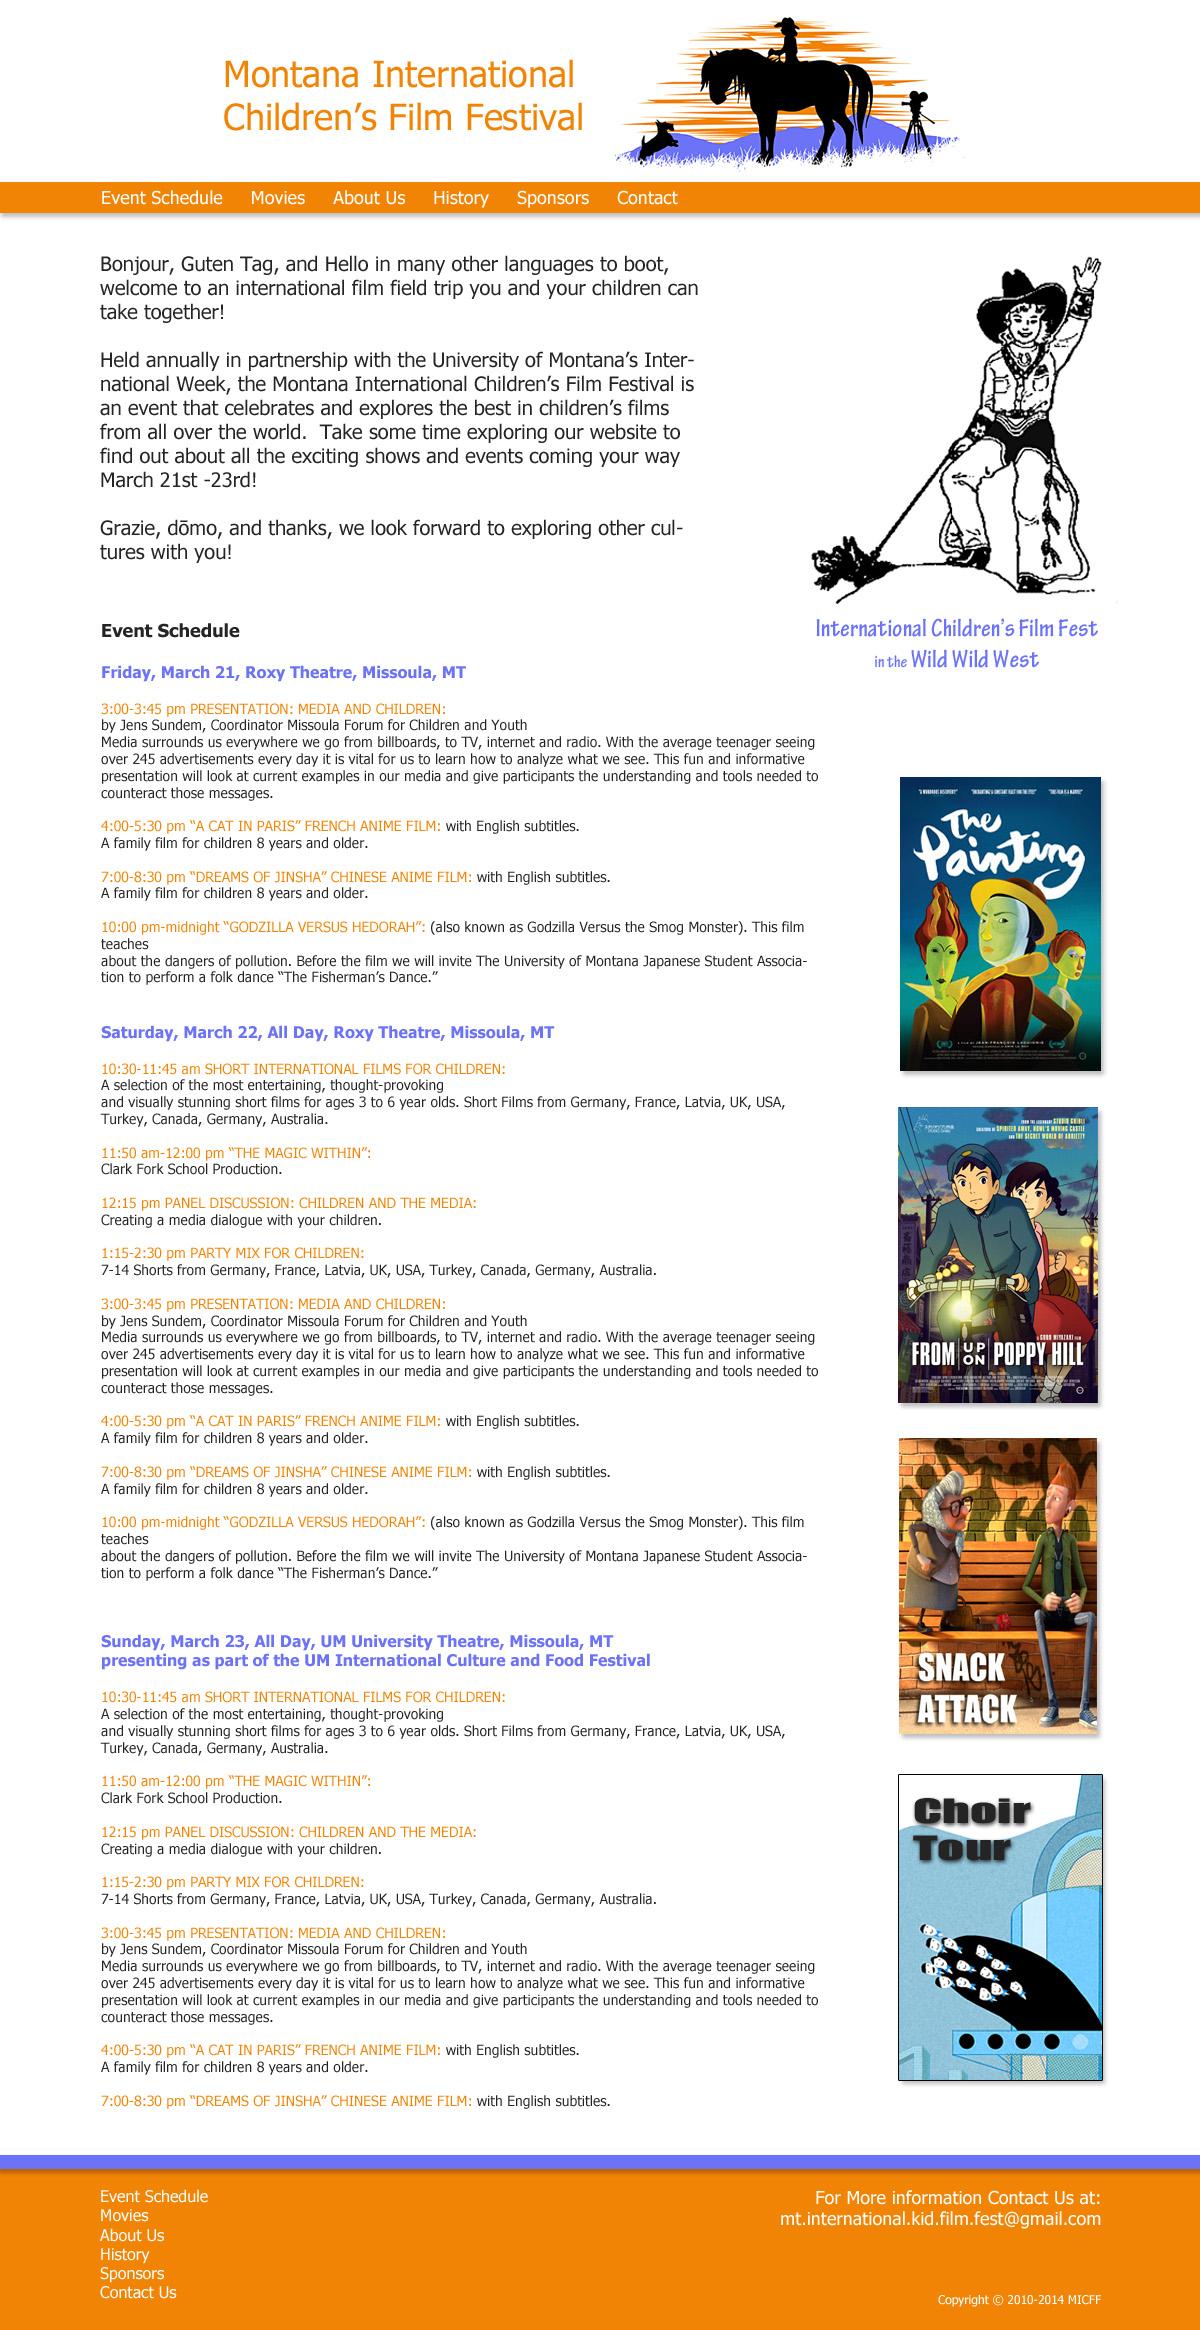 Website Design, Web Development, Graphic Design, Marketing, Logo Design, Logo Creation, Missoula Montana, Missoula MT, Denver Colorado, Denver CO, HTML, CSS